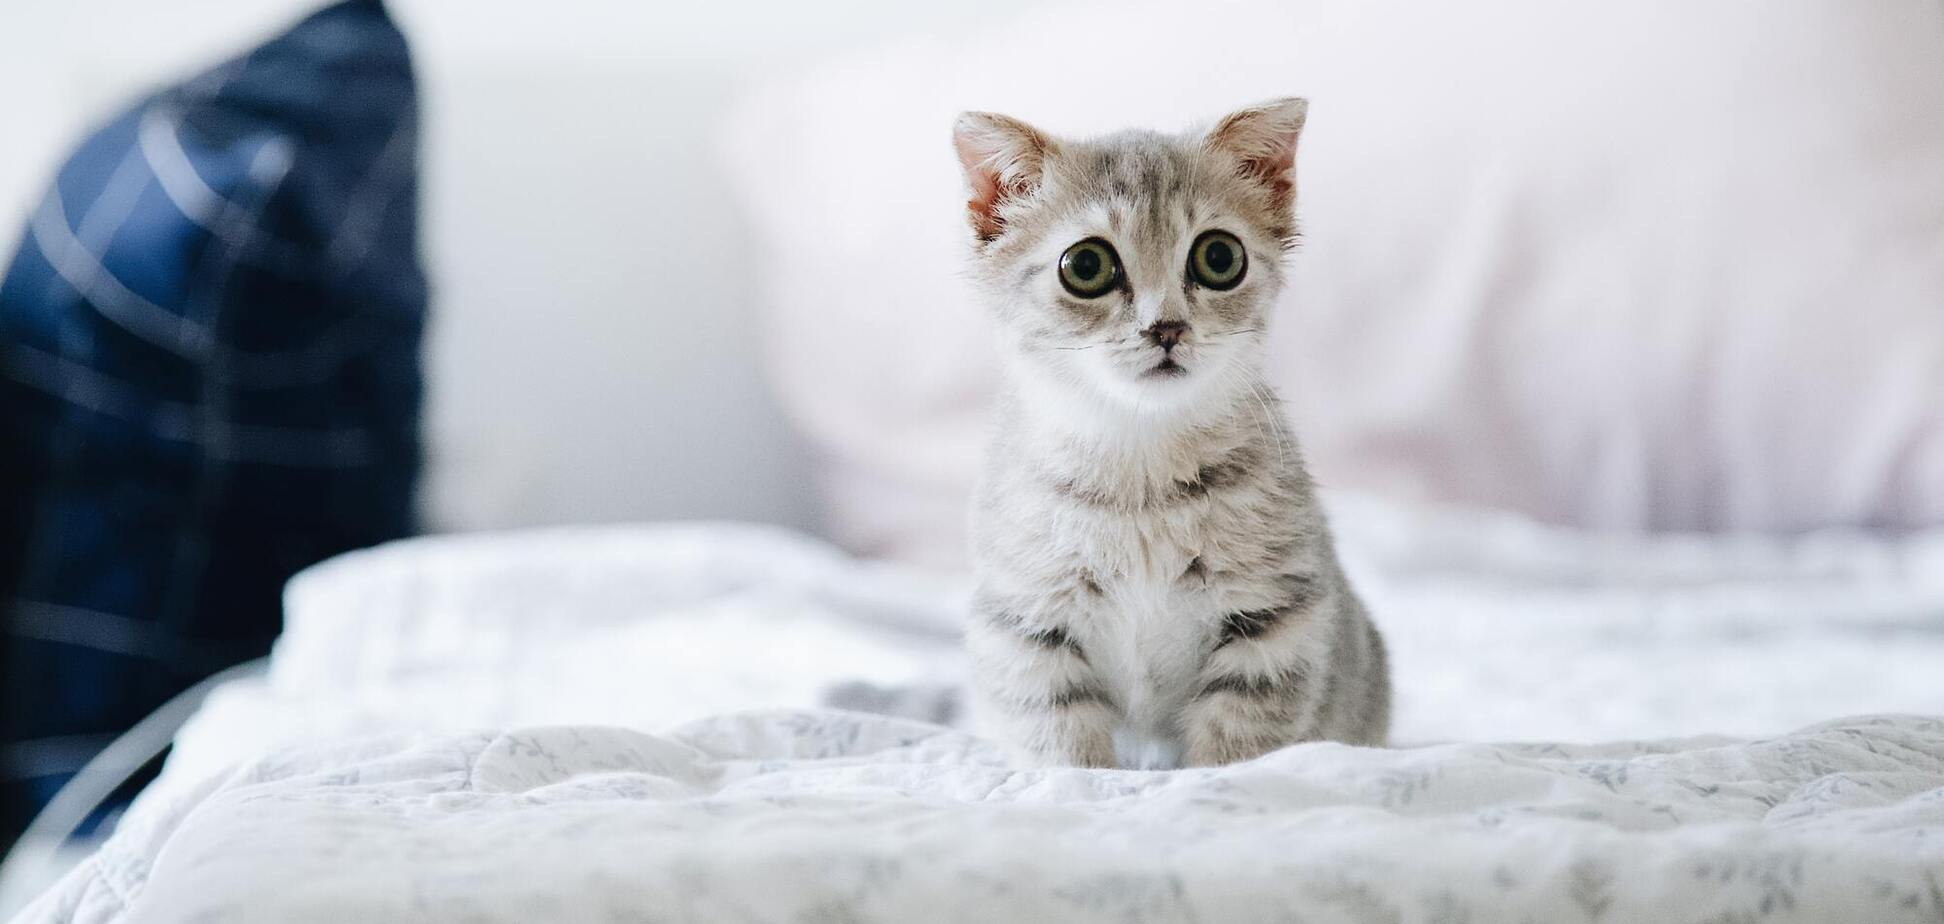 Кіт заплакав на камеру, коли залишився сам удома. Відео